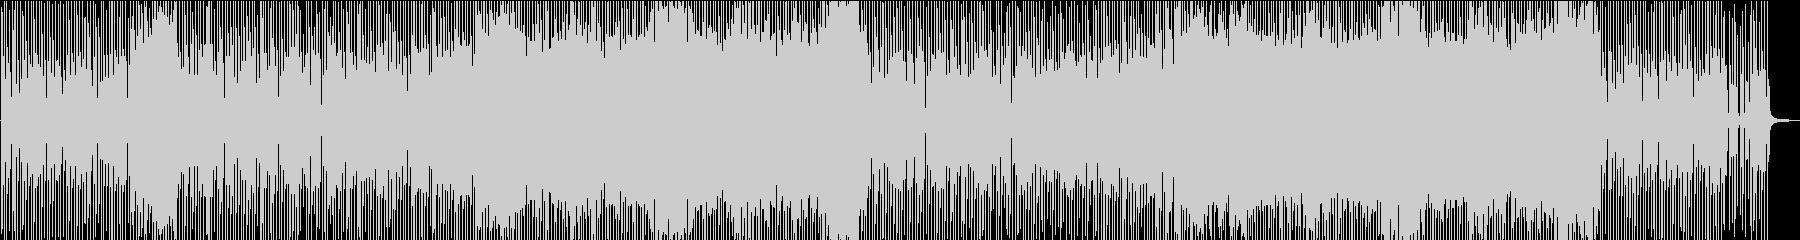 陽気なハウス系ポップスの未再生の波形